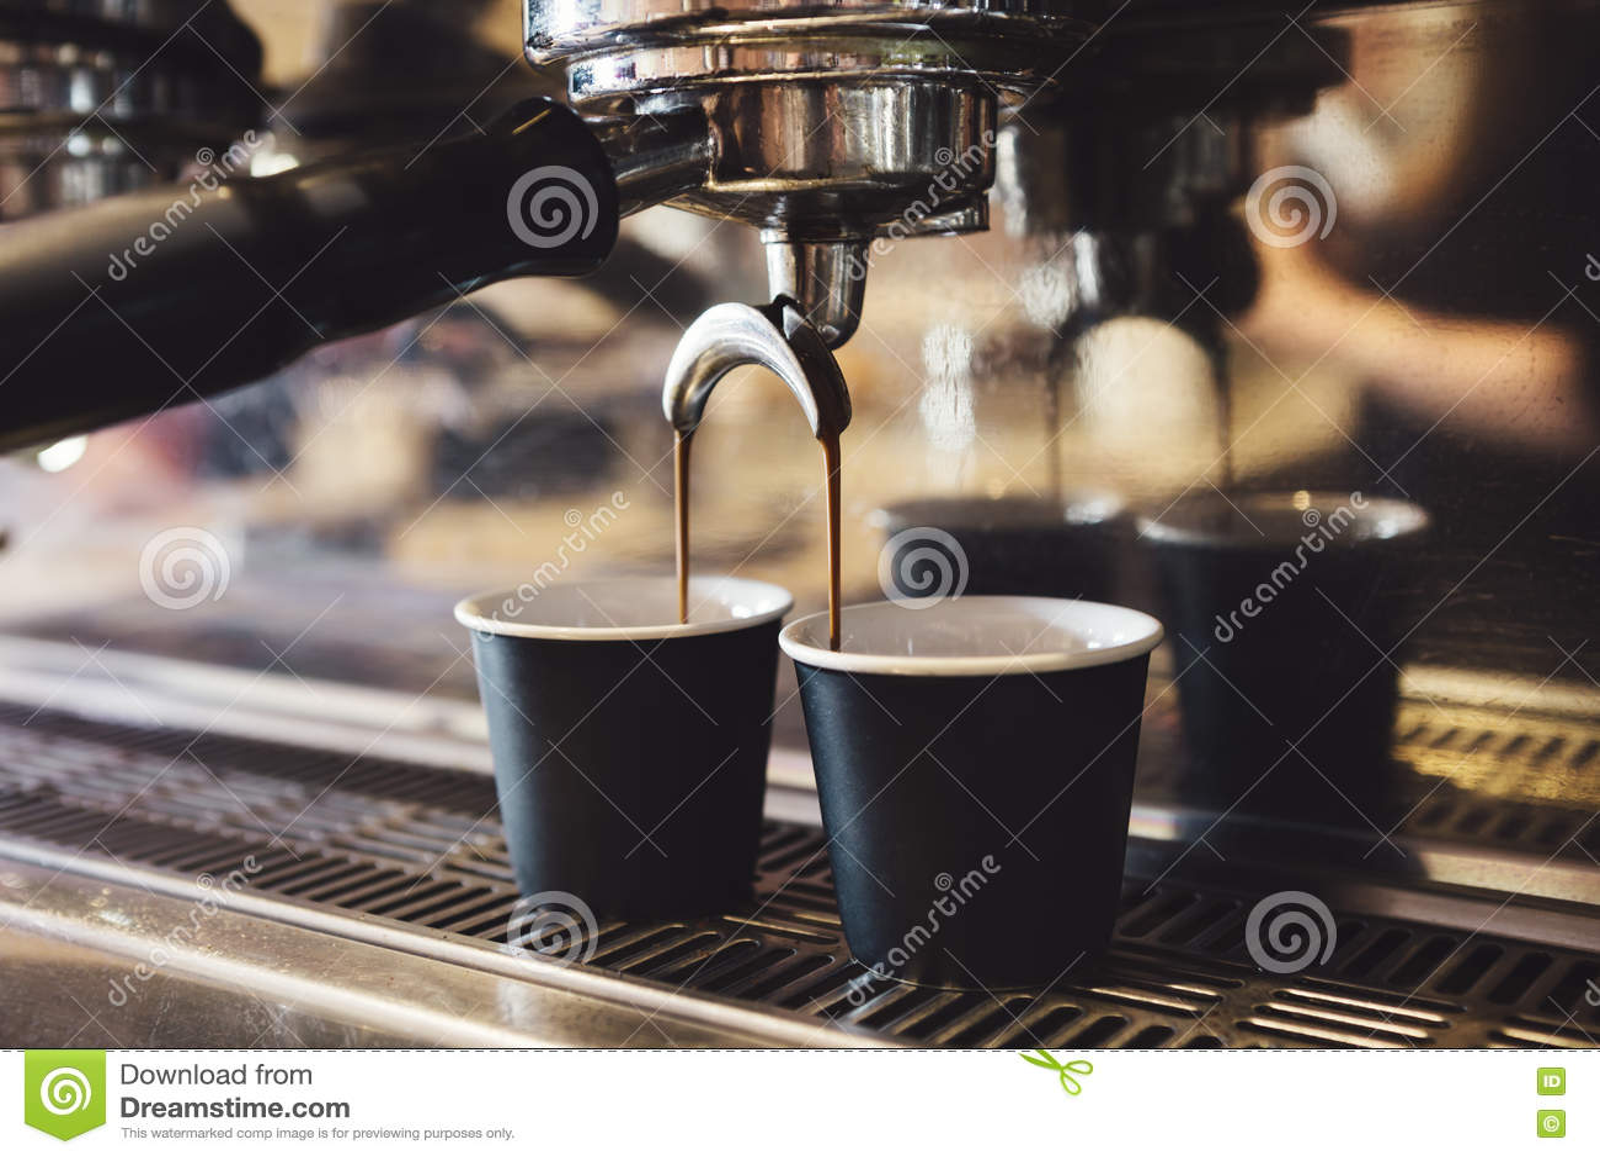 Caffè industriale a macchina facendo due tazze del caffè espresso